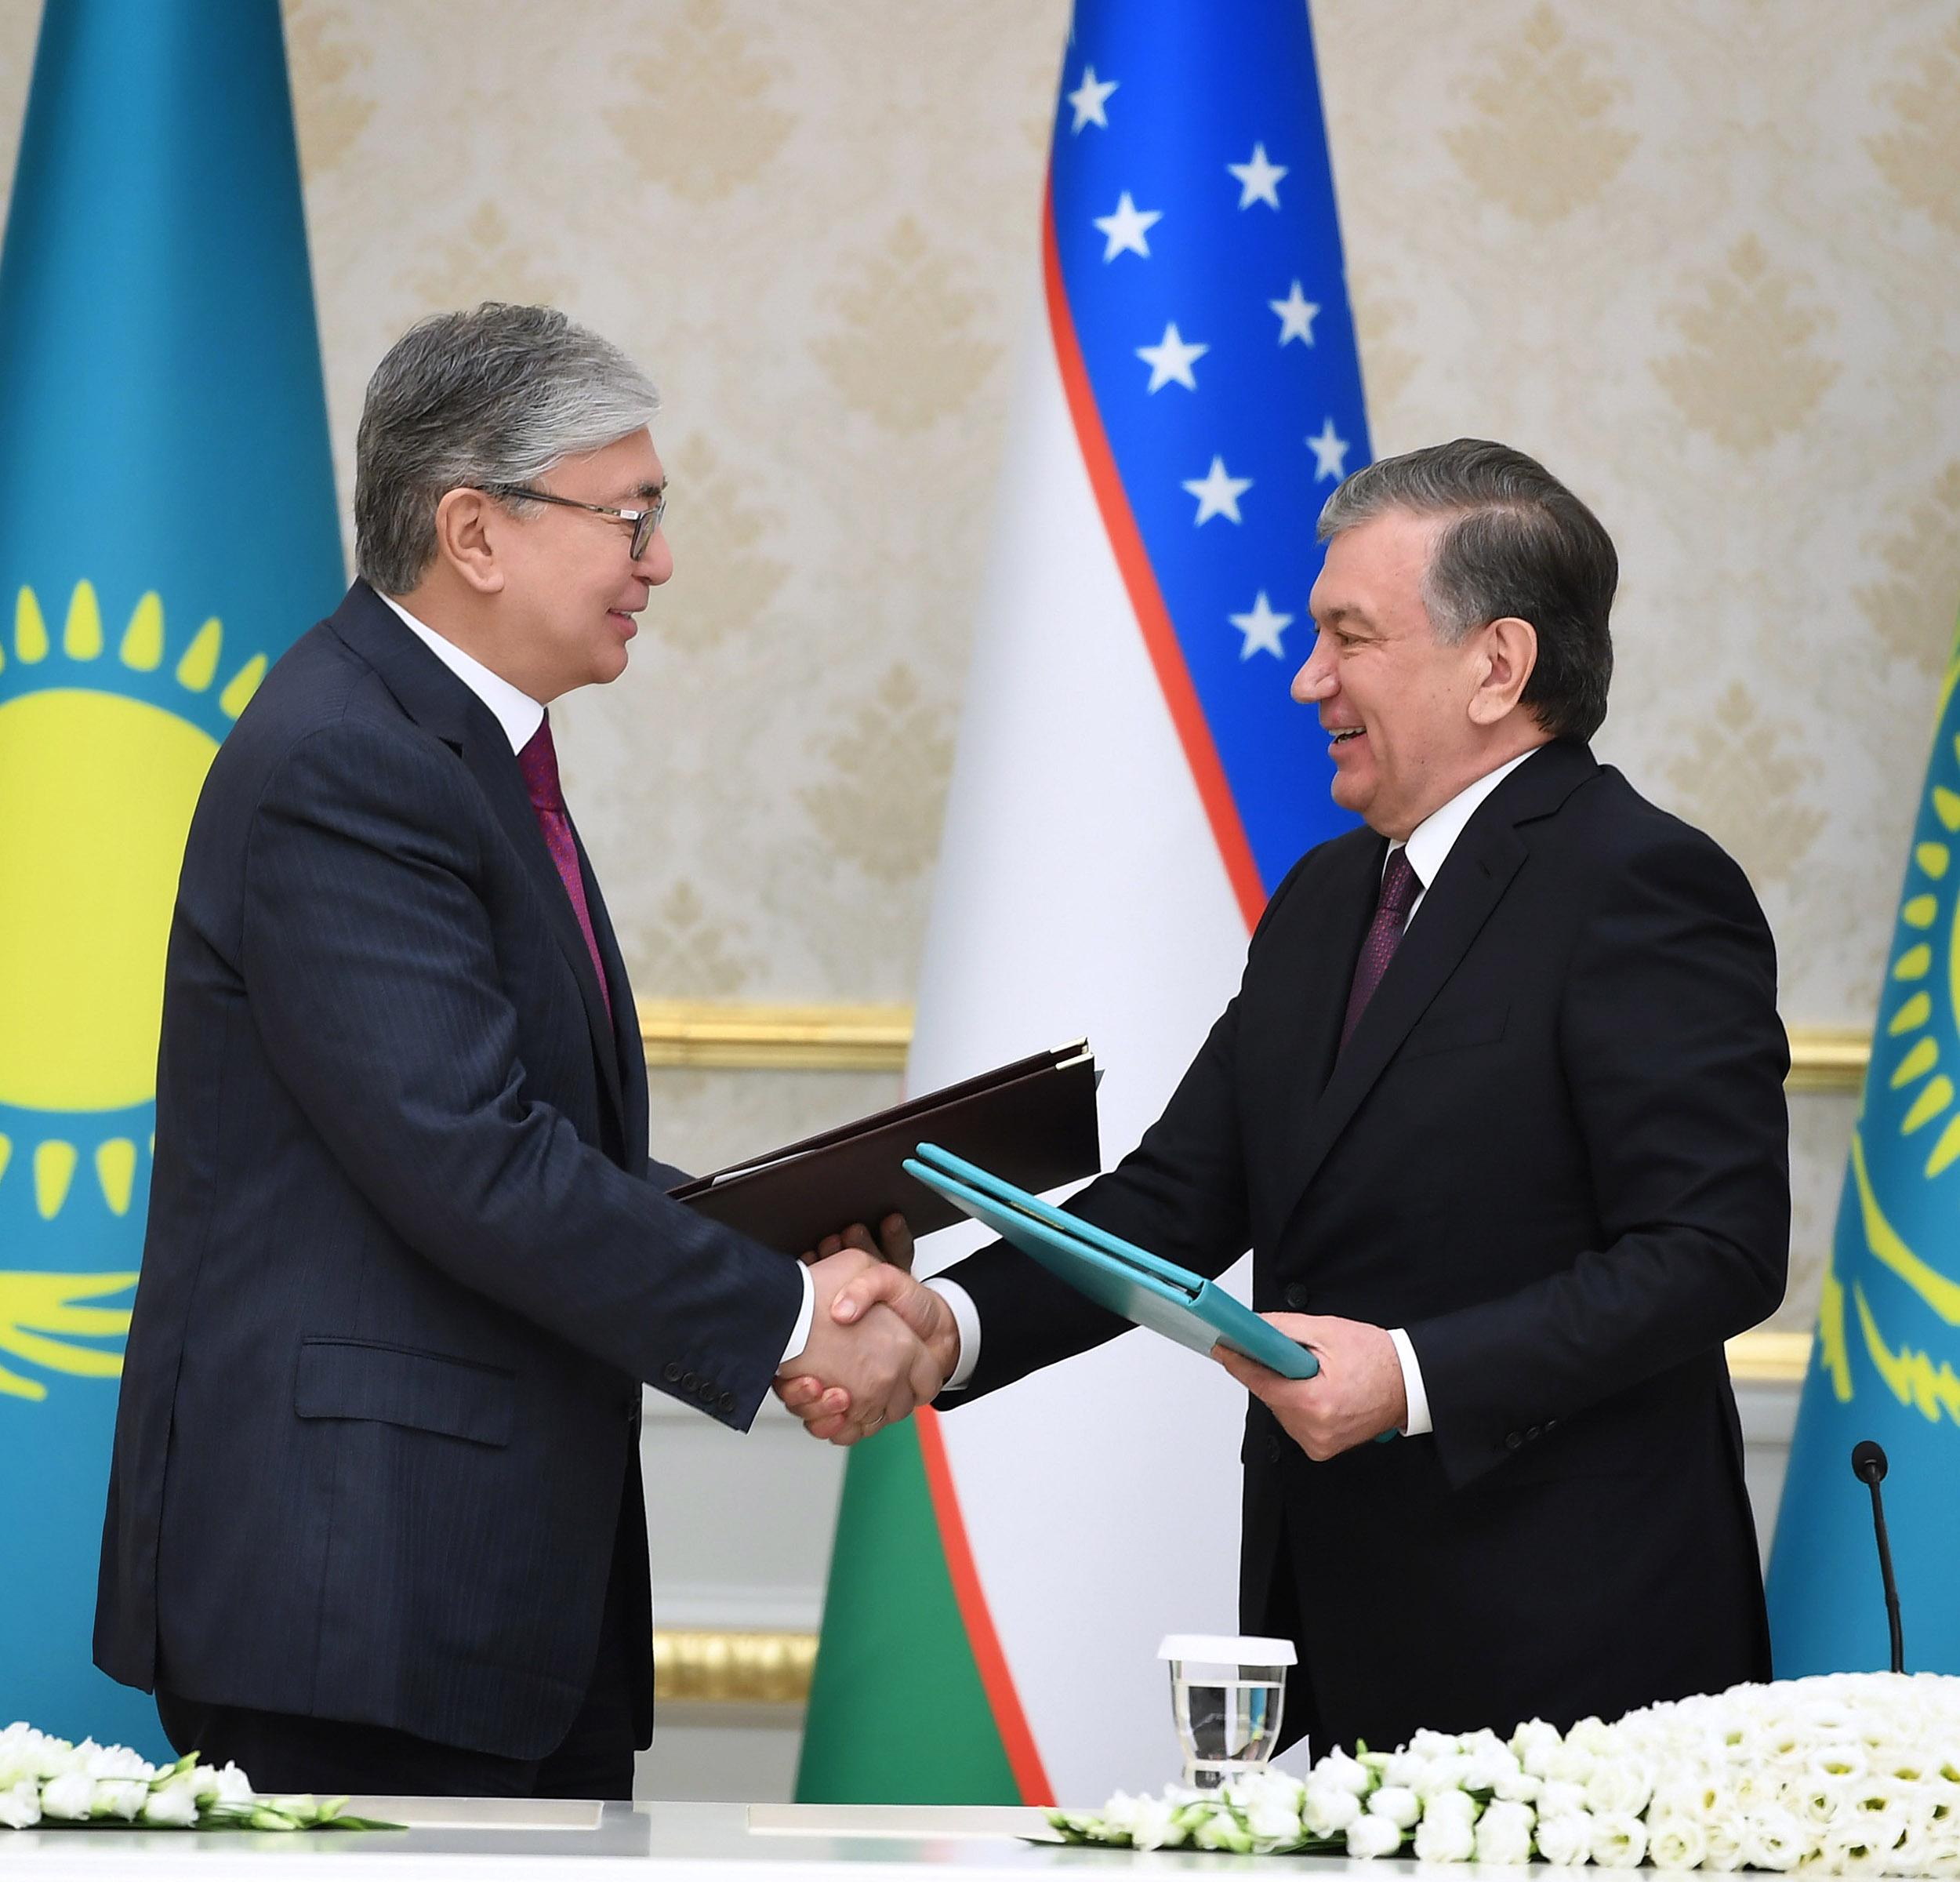 Қазақстан мен Өзбекстан Президенттері БАҚ өкілдері үшін баспасөз мәслихатын өткізді